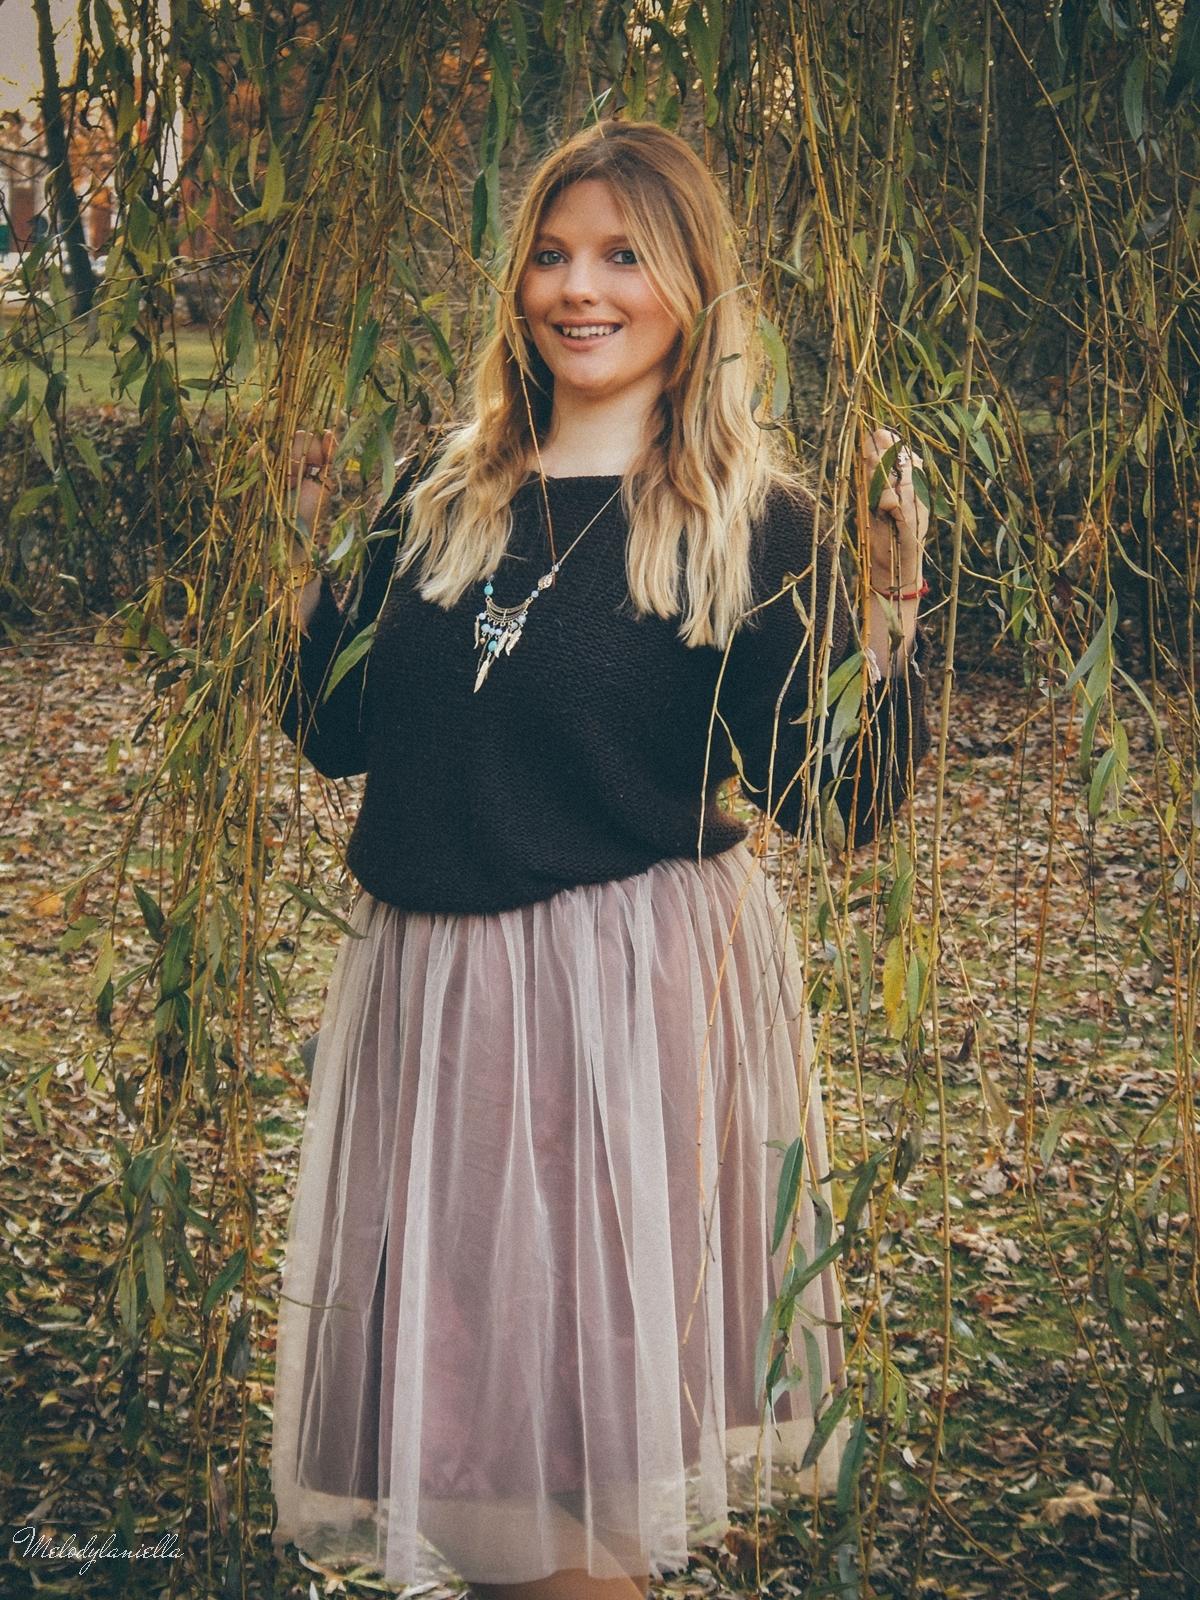 7. jesienna stylizacja tutu tiulowa spódnica dla dorosłych brązowy sweter torebka manzana melodylaniella autumn style fashion ciekawa stylizacja na jesień brązowa spódnica jesien